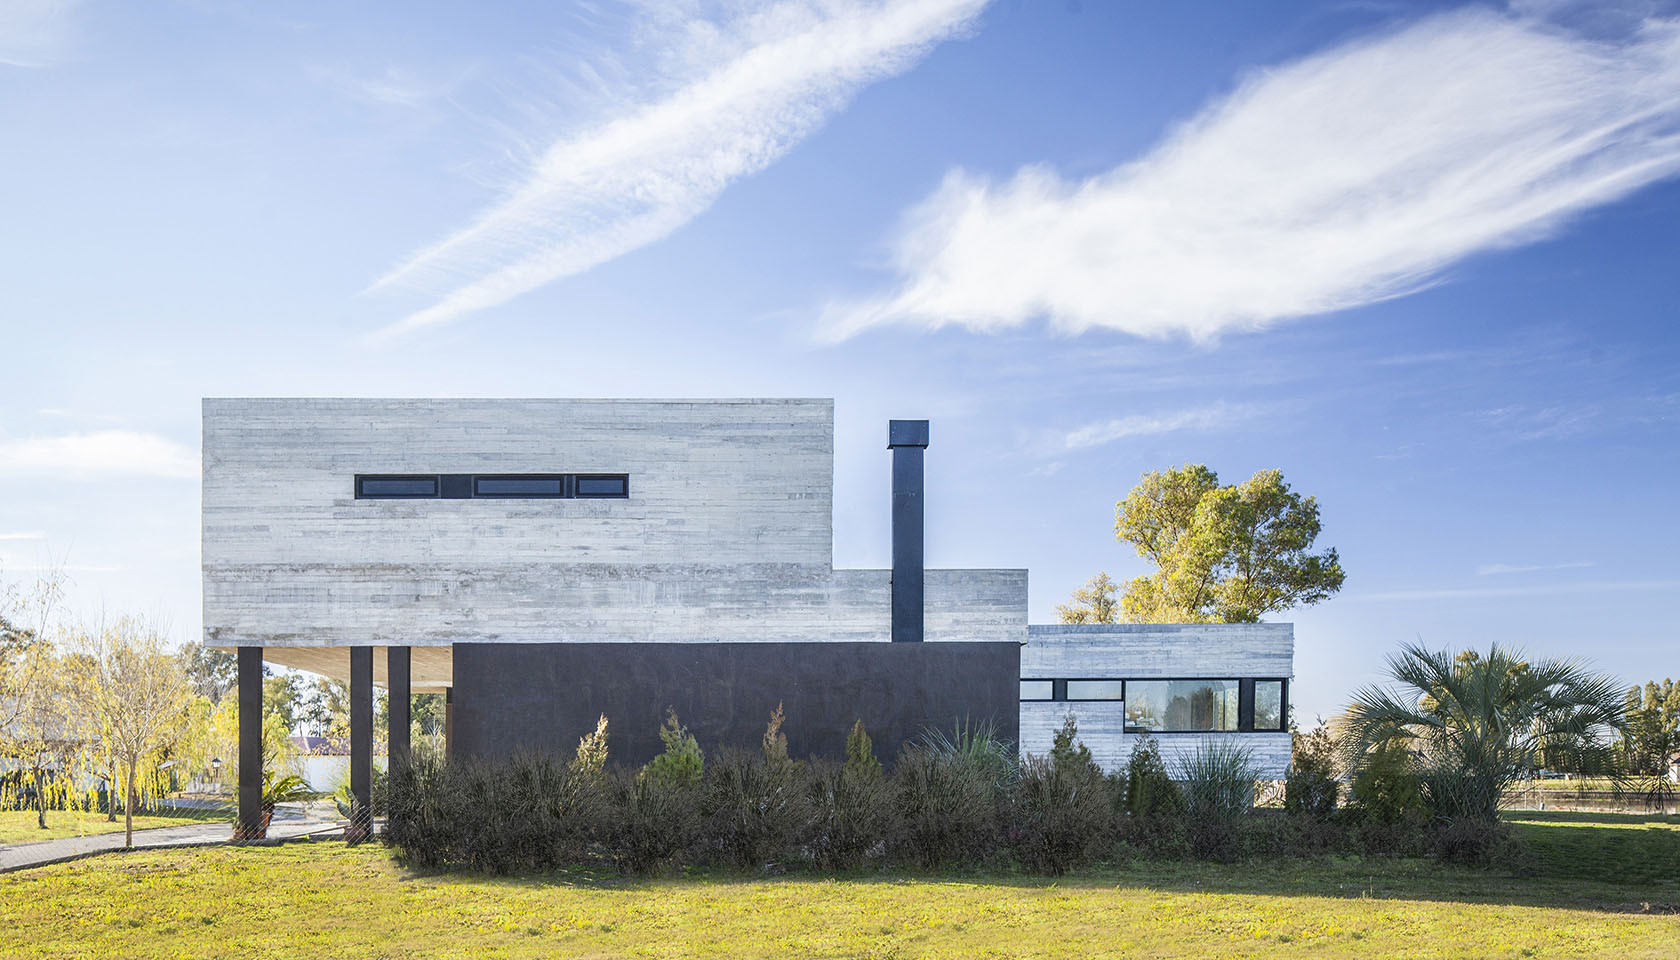 fachadas vidriadas en casas, chimeneas modernas, casas con columnas negras